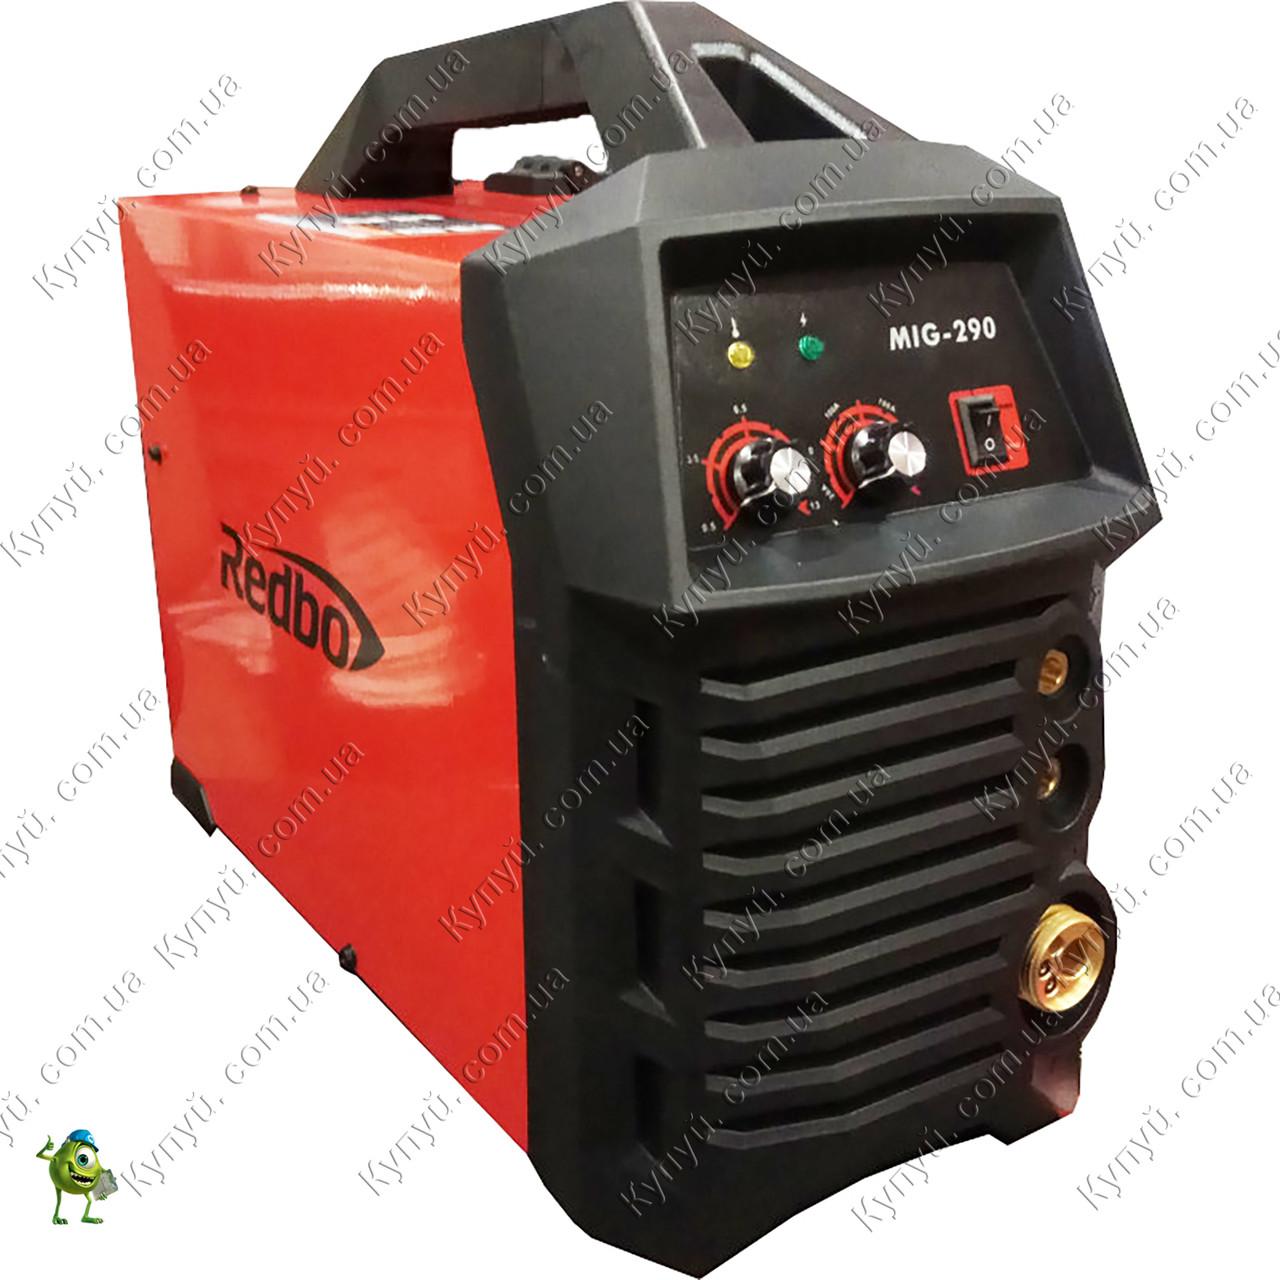 Сварочный полуавтомат инверторный Redbo MIG-290